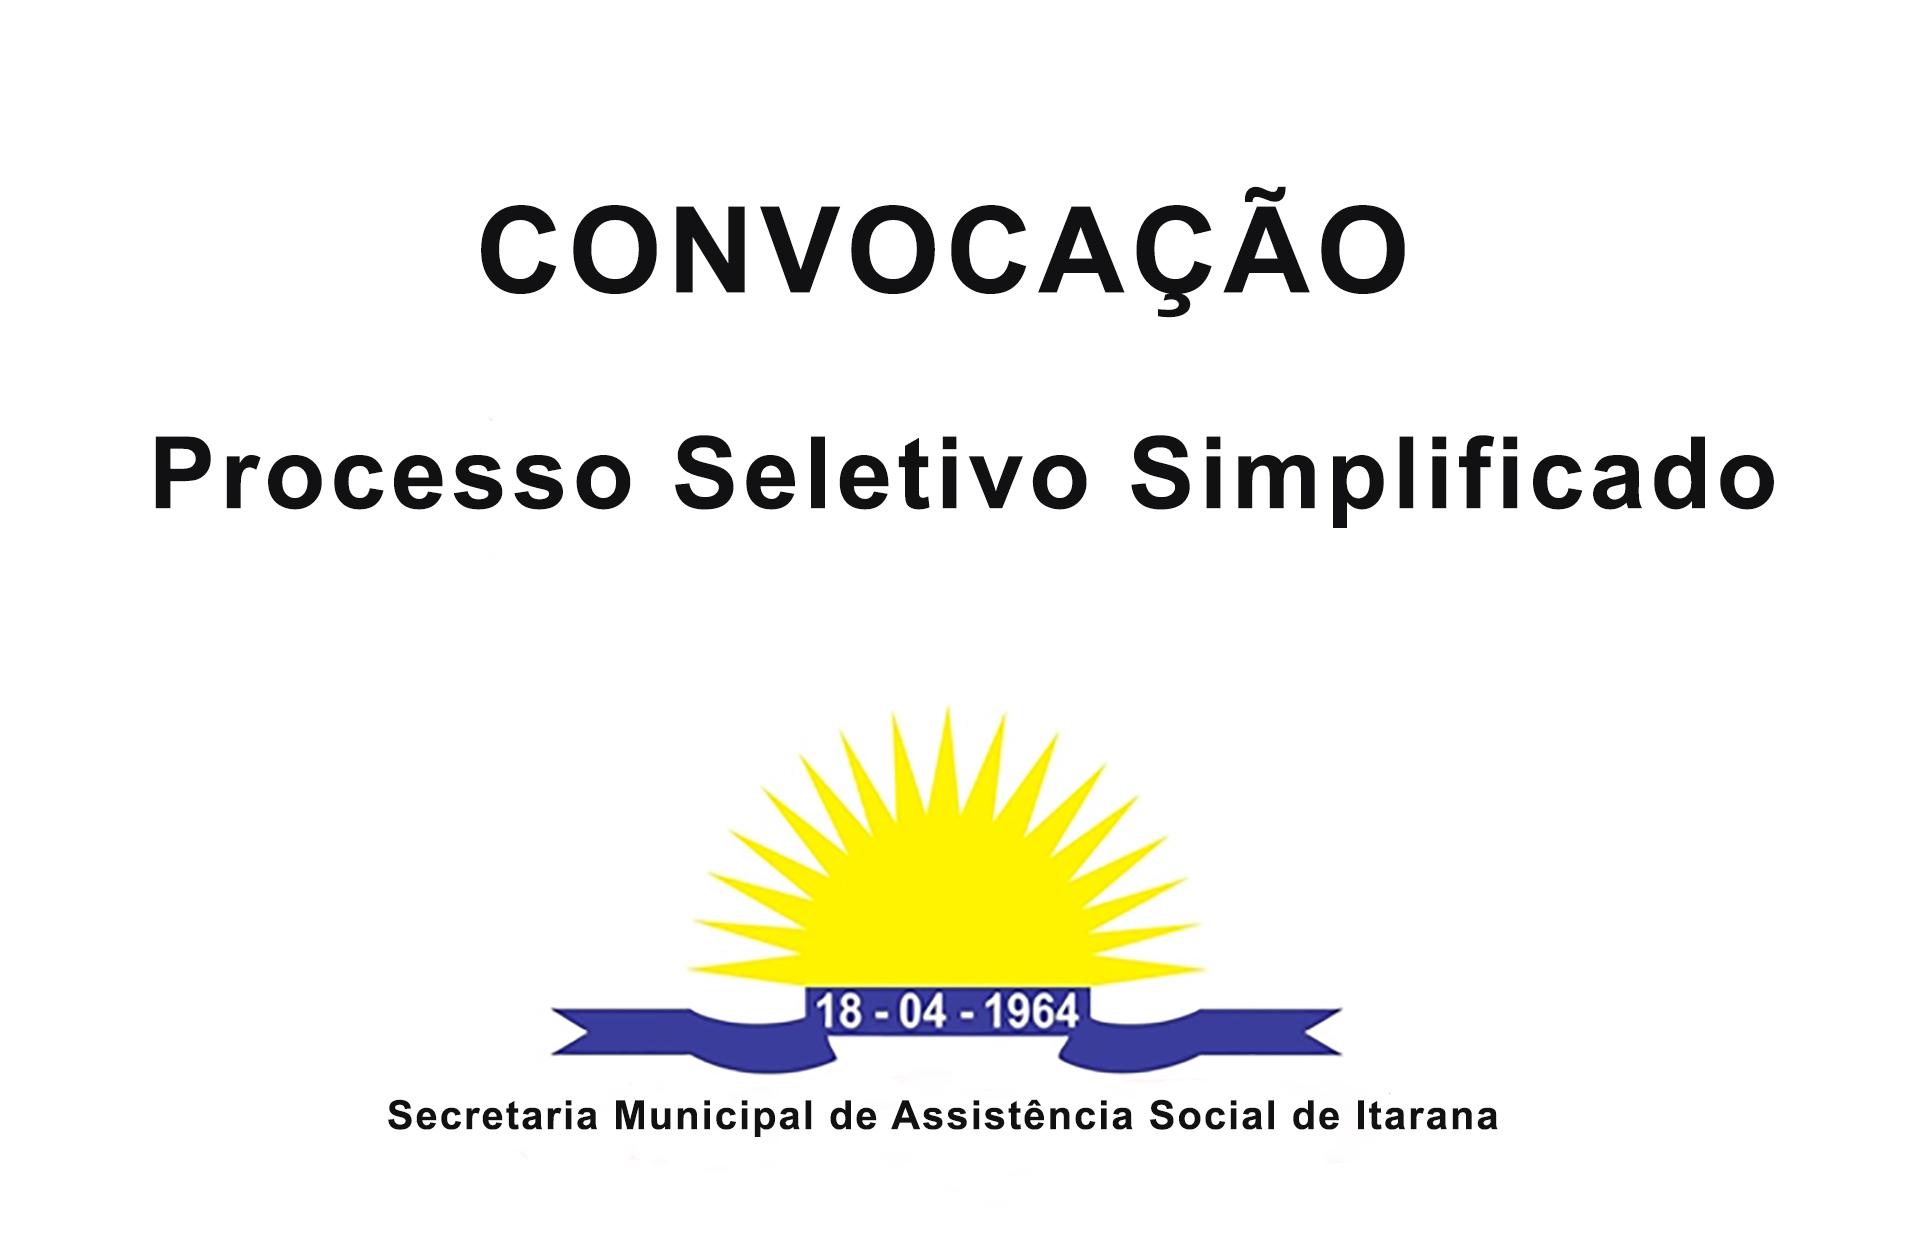 Assistência Social: Convocação Processo Seletivo Simplificado - Edital SEMAS Nº15/2015